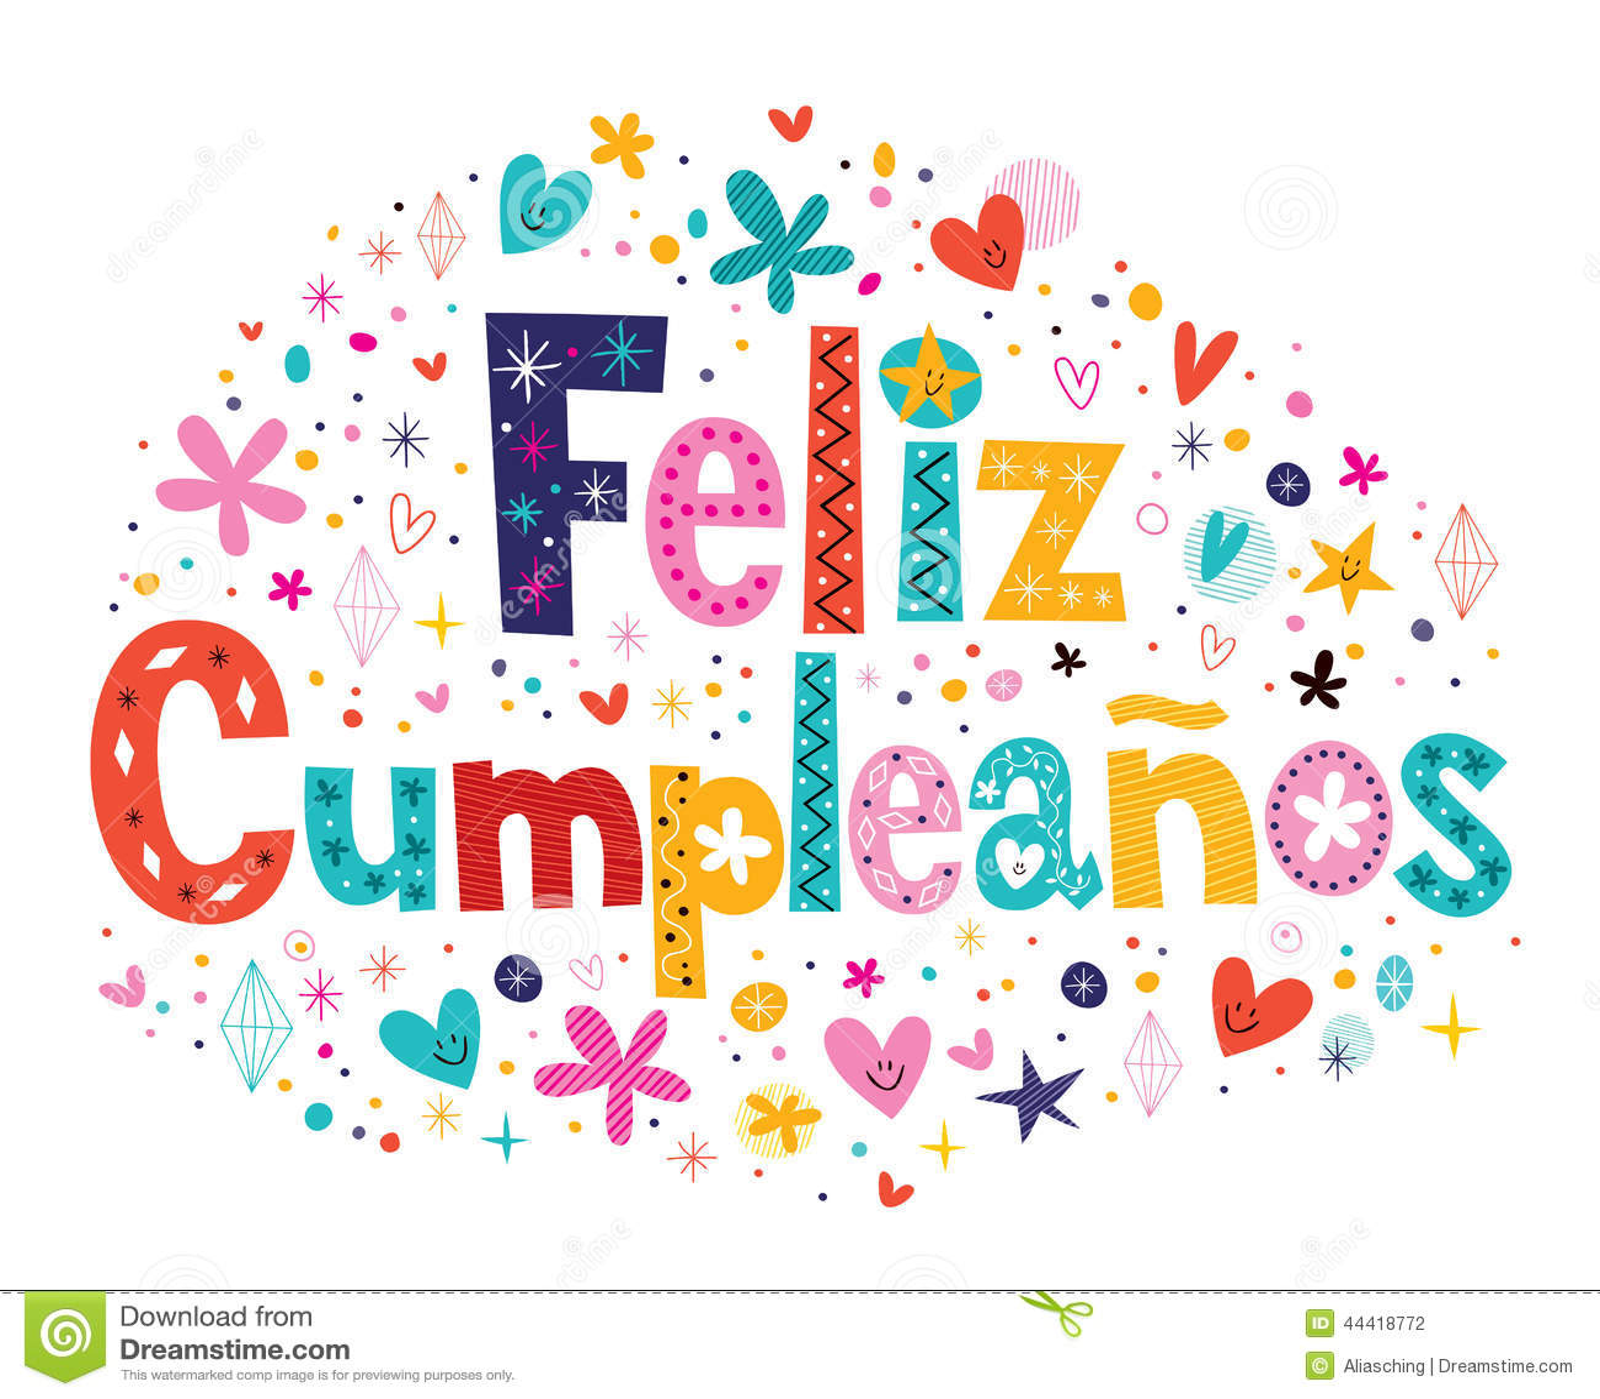 Feliz Cumpleanos -在西班牙文本的生日快乐